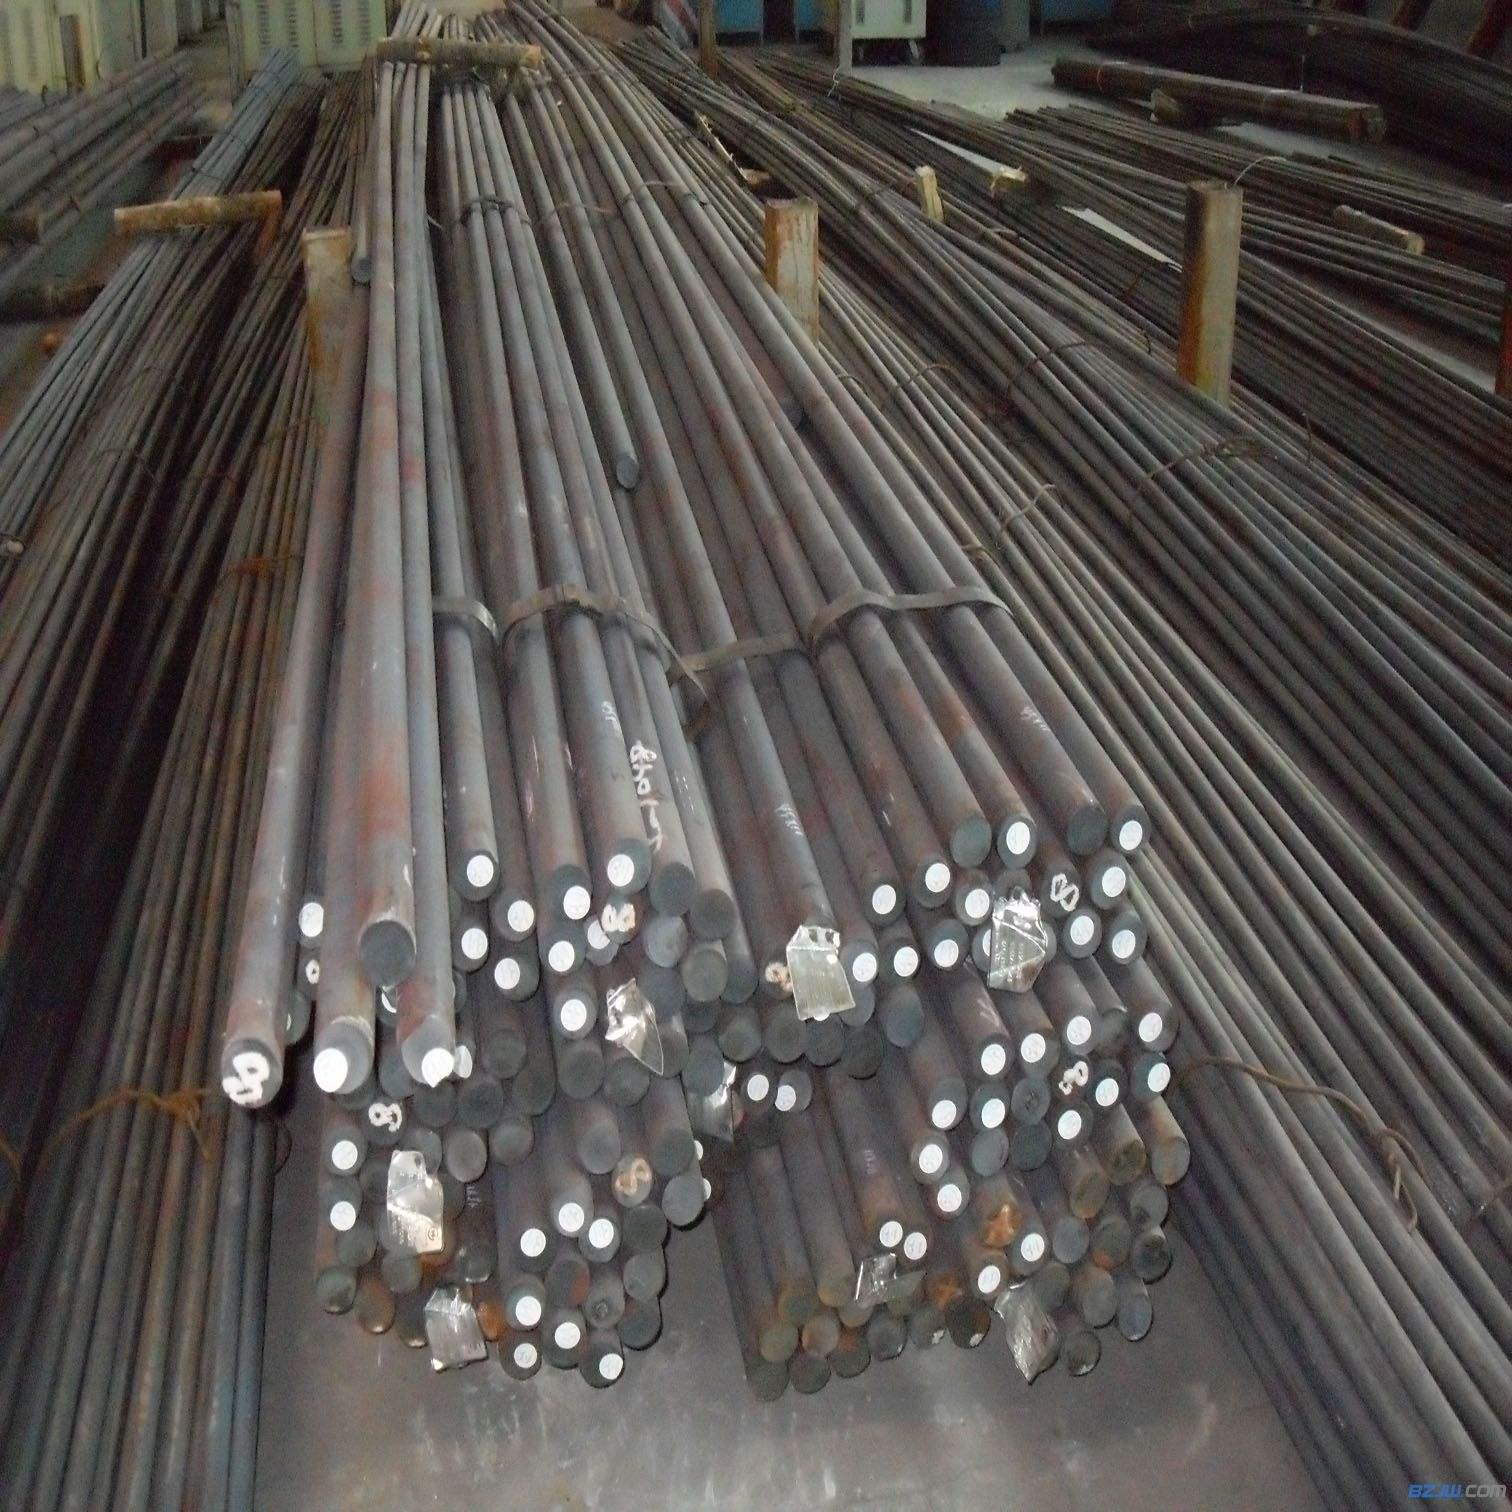 安徽池州20CrMnTi合金渗碳钢圆钢货源充足性价比高